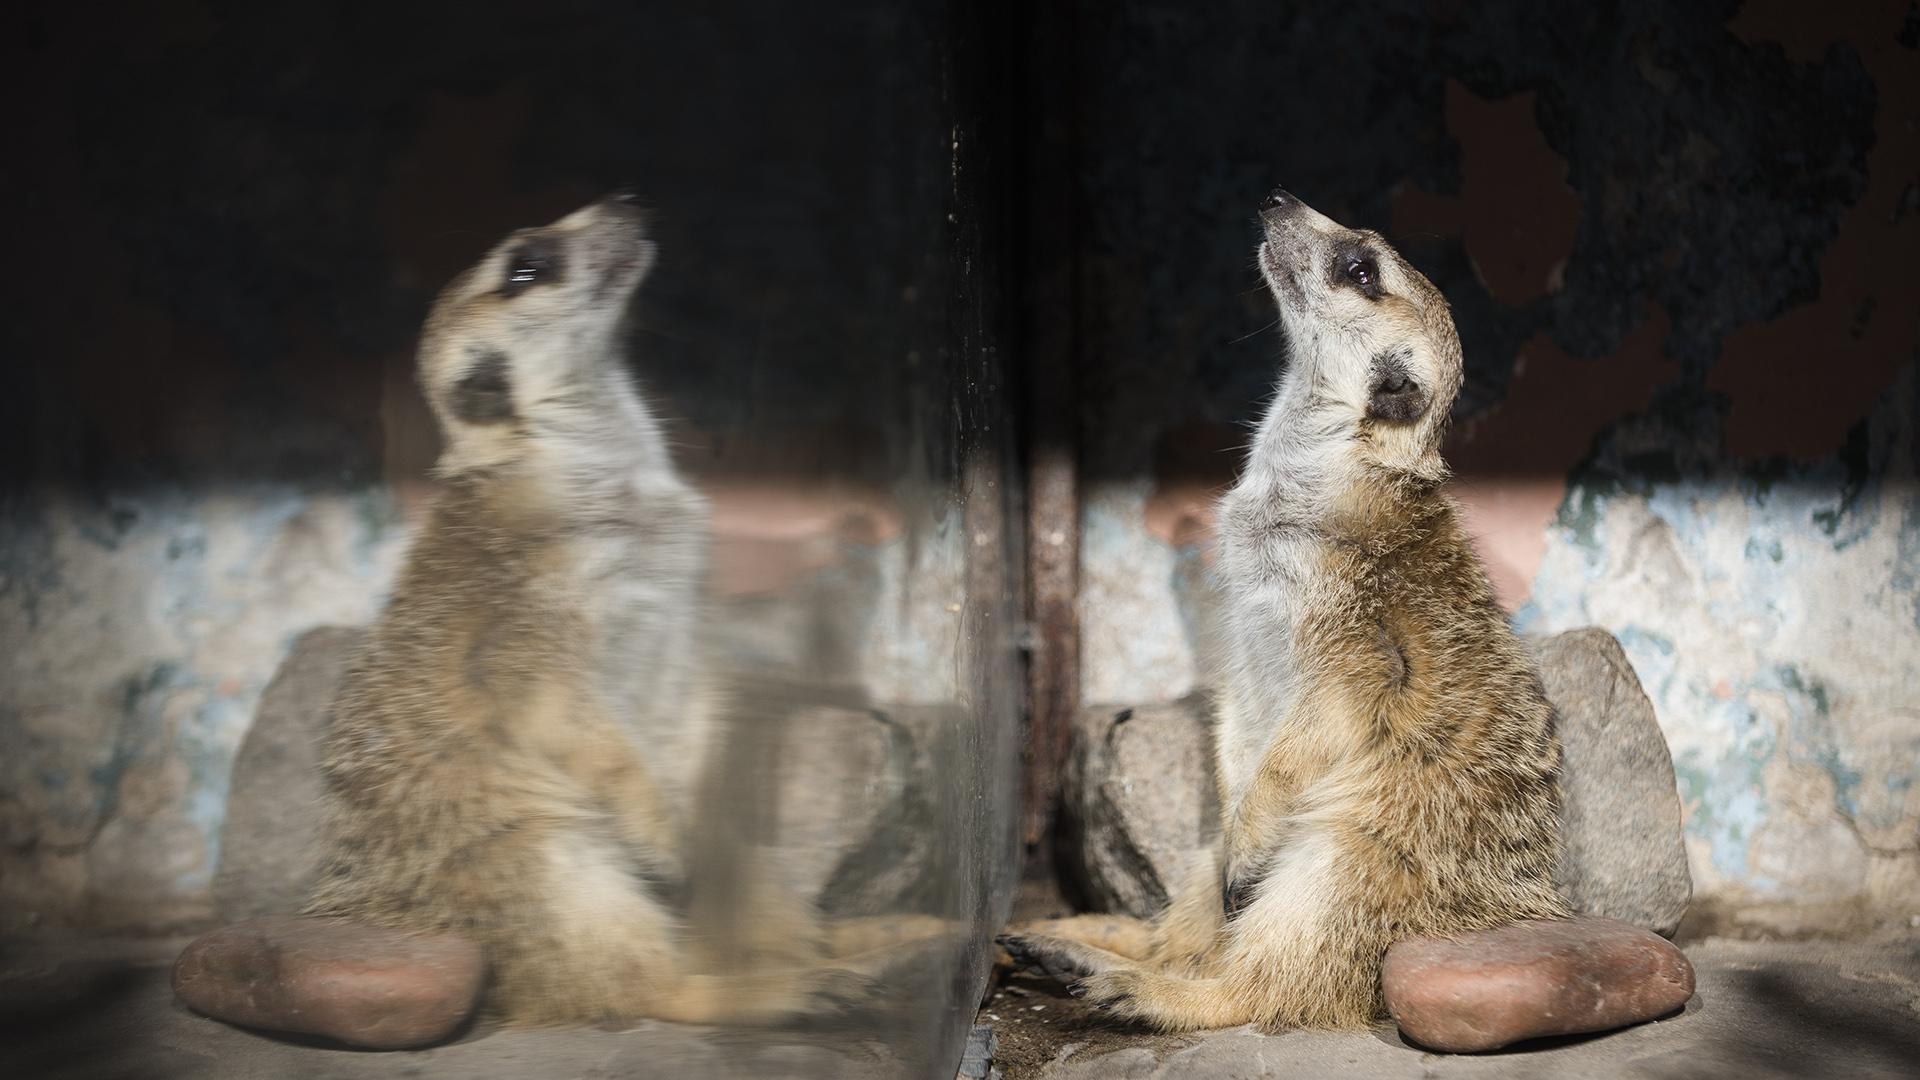 Uno de los suricatas que viven en el zoológico porteño. (Adrián Escandar)